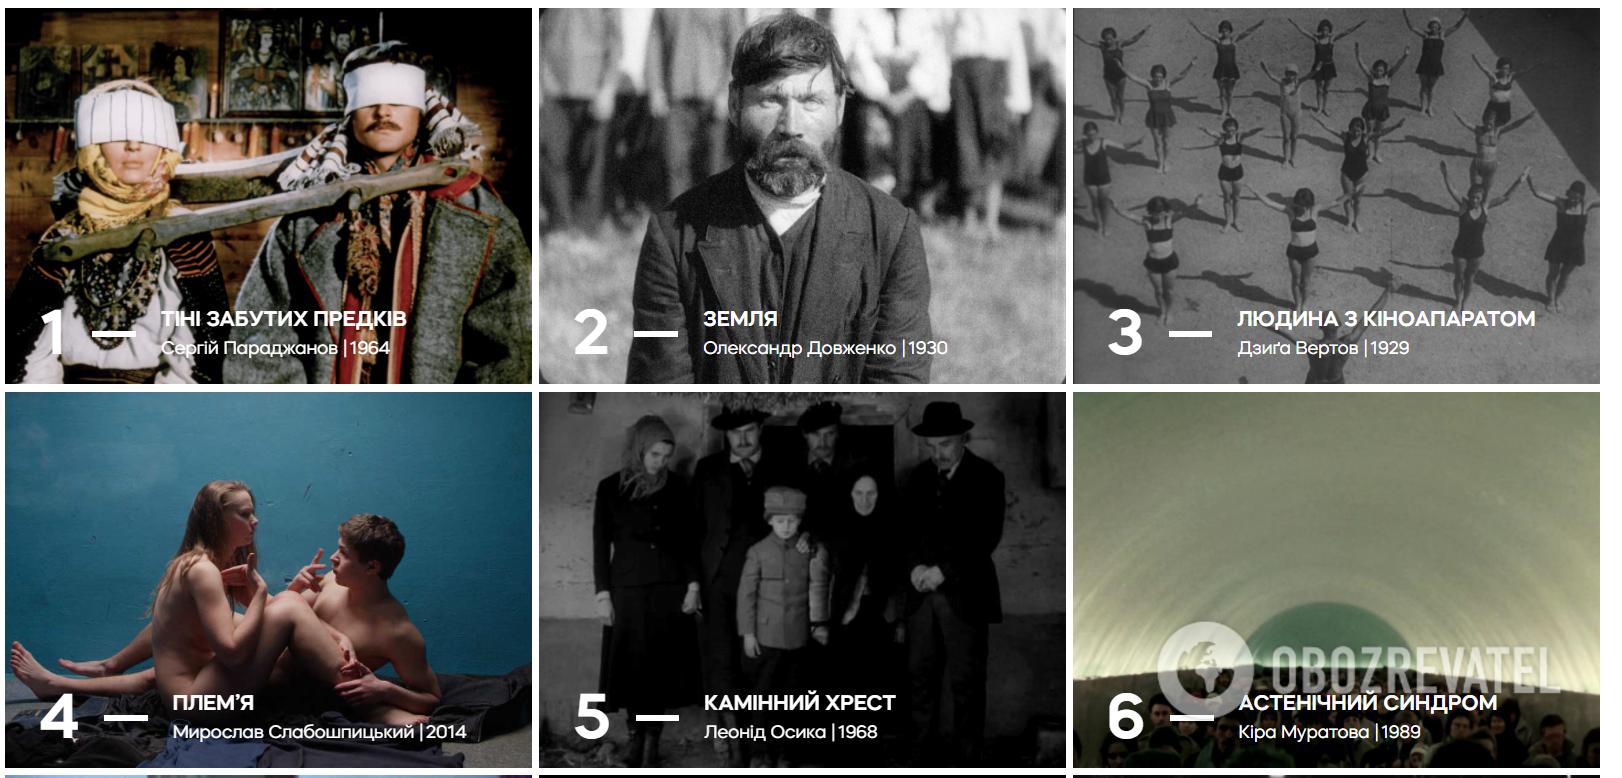 Эти украинские фильмы возглавили рейтинг